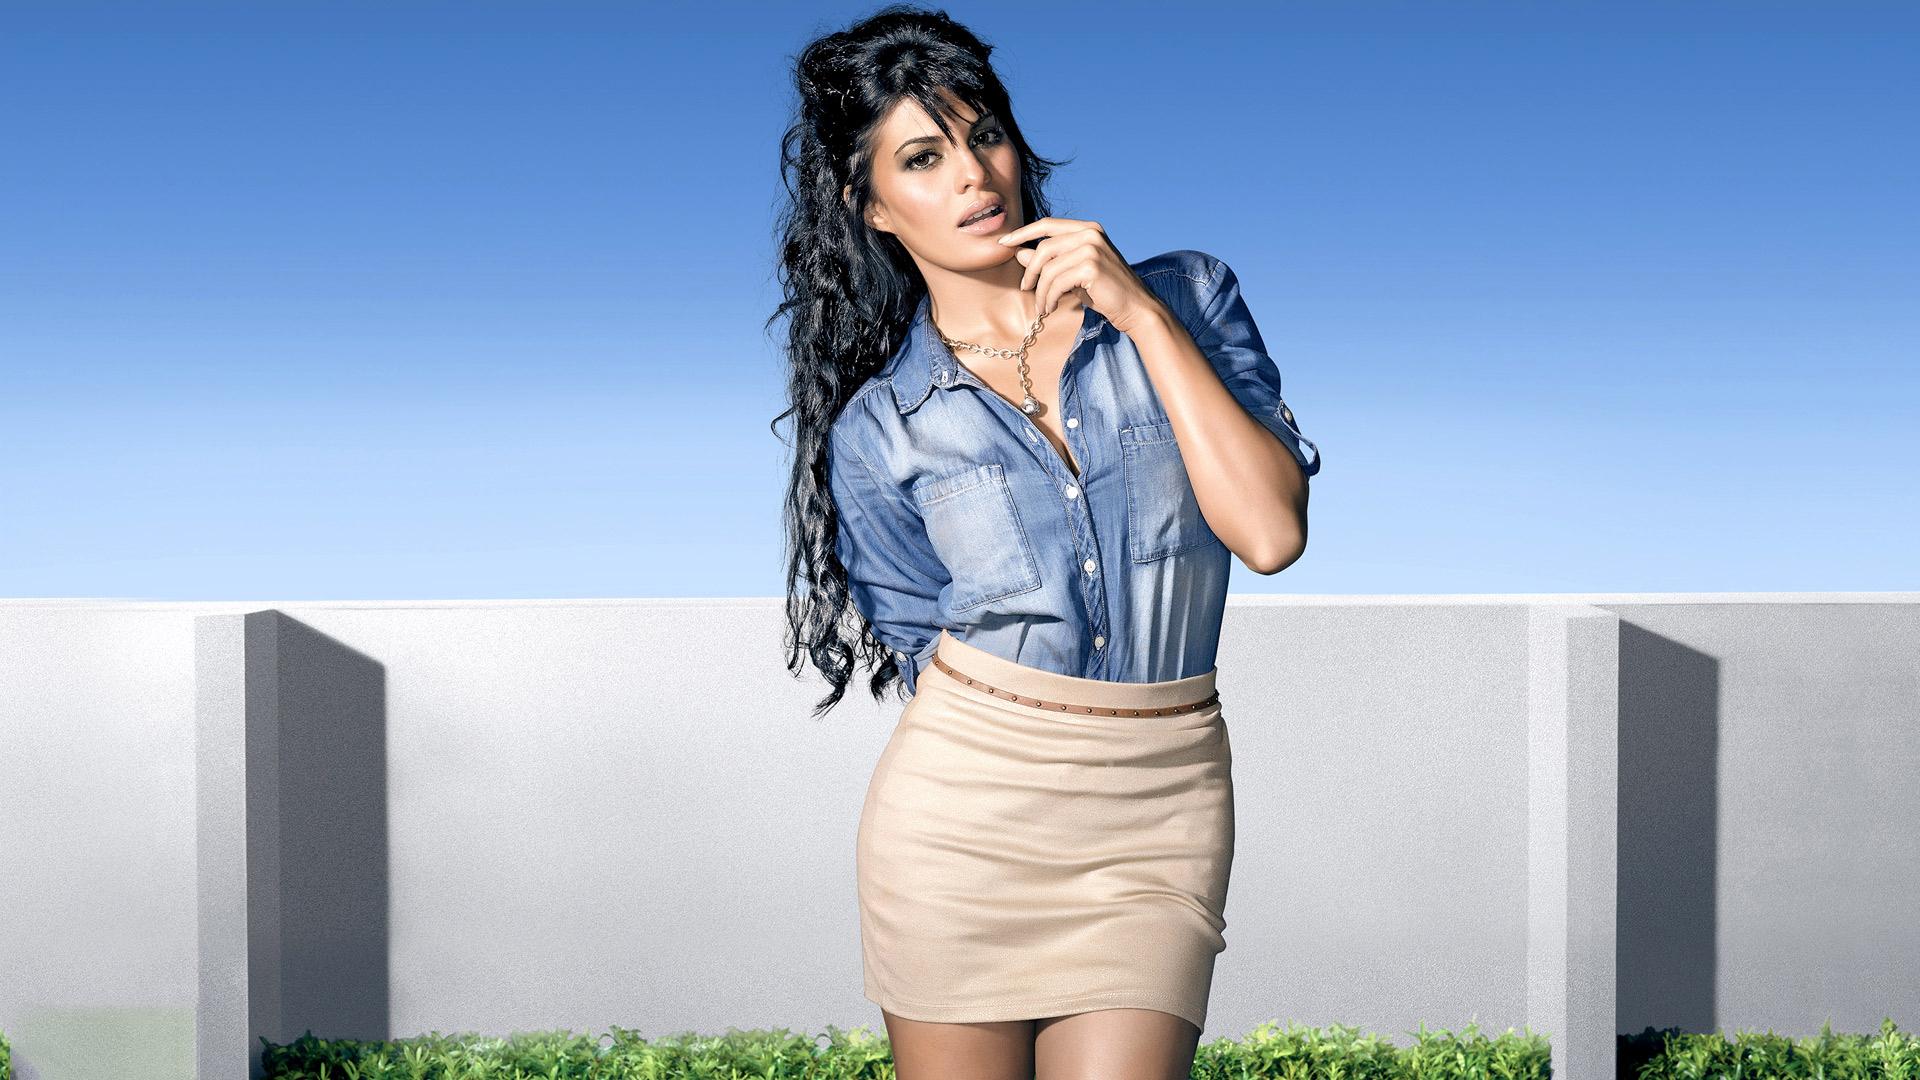 Hd wallpaper xperia c3 - Jacqueline Fernandez Hot Photoshoot Popopics Com